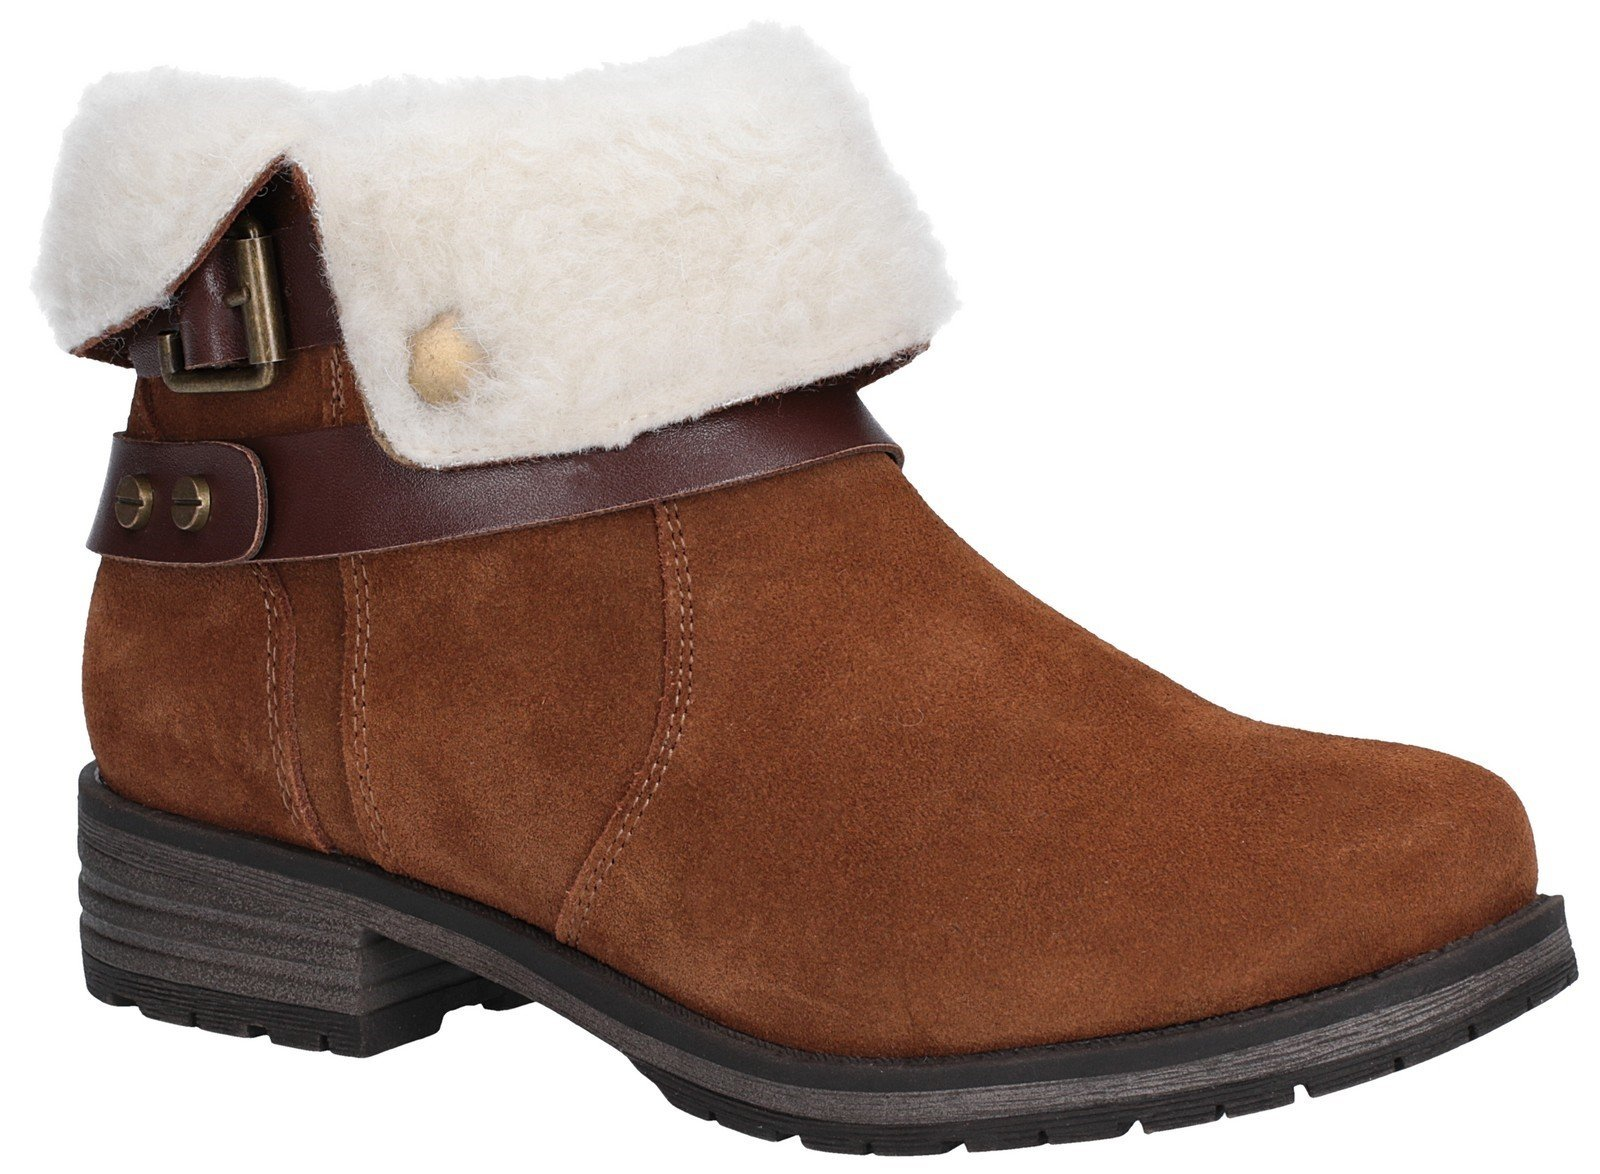 Fleet & Foster Women's Soda Ankle Boot Black 27145-45603 - Tan 3